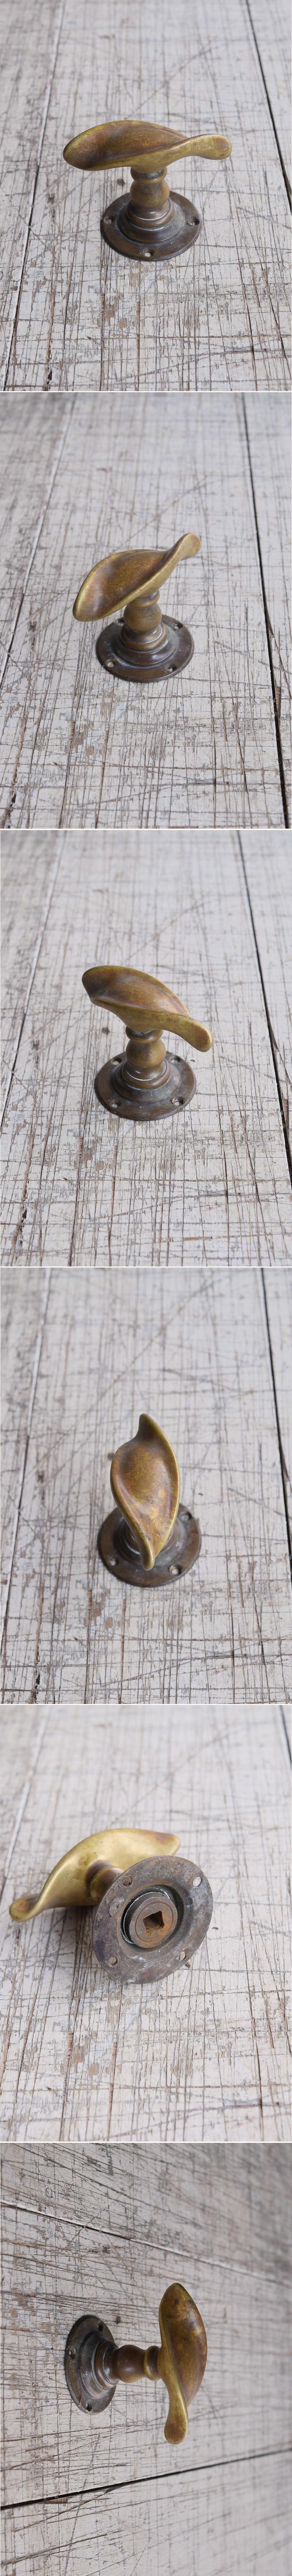 イギリス アンティーク 真鍮 ドアノブ 建具金物 握り玉 9833